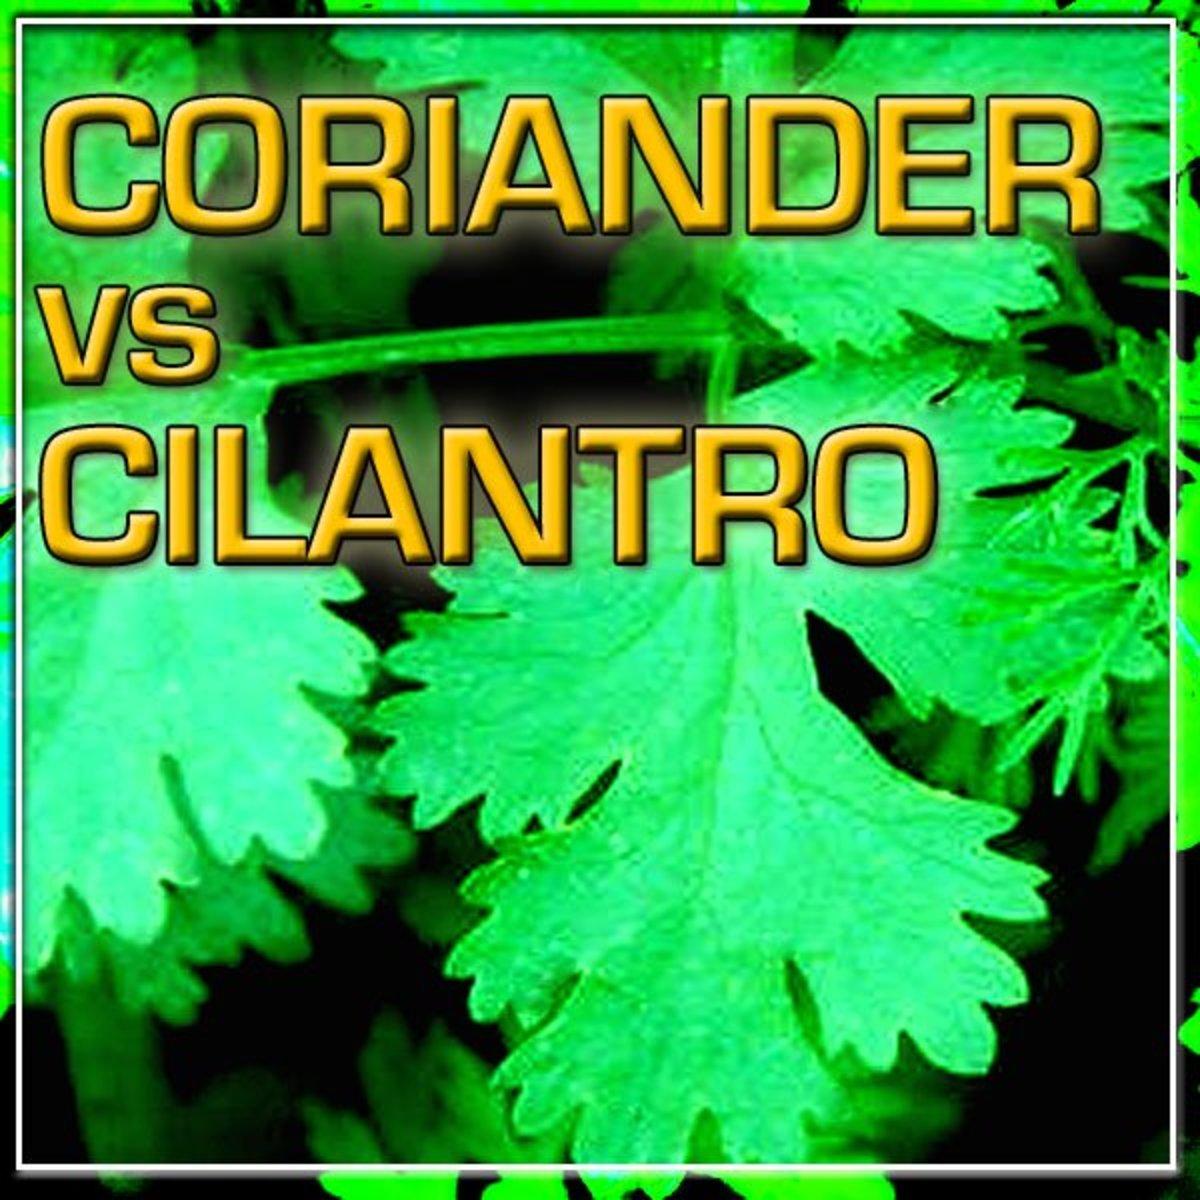 Coriander vs Cilantro